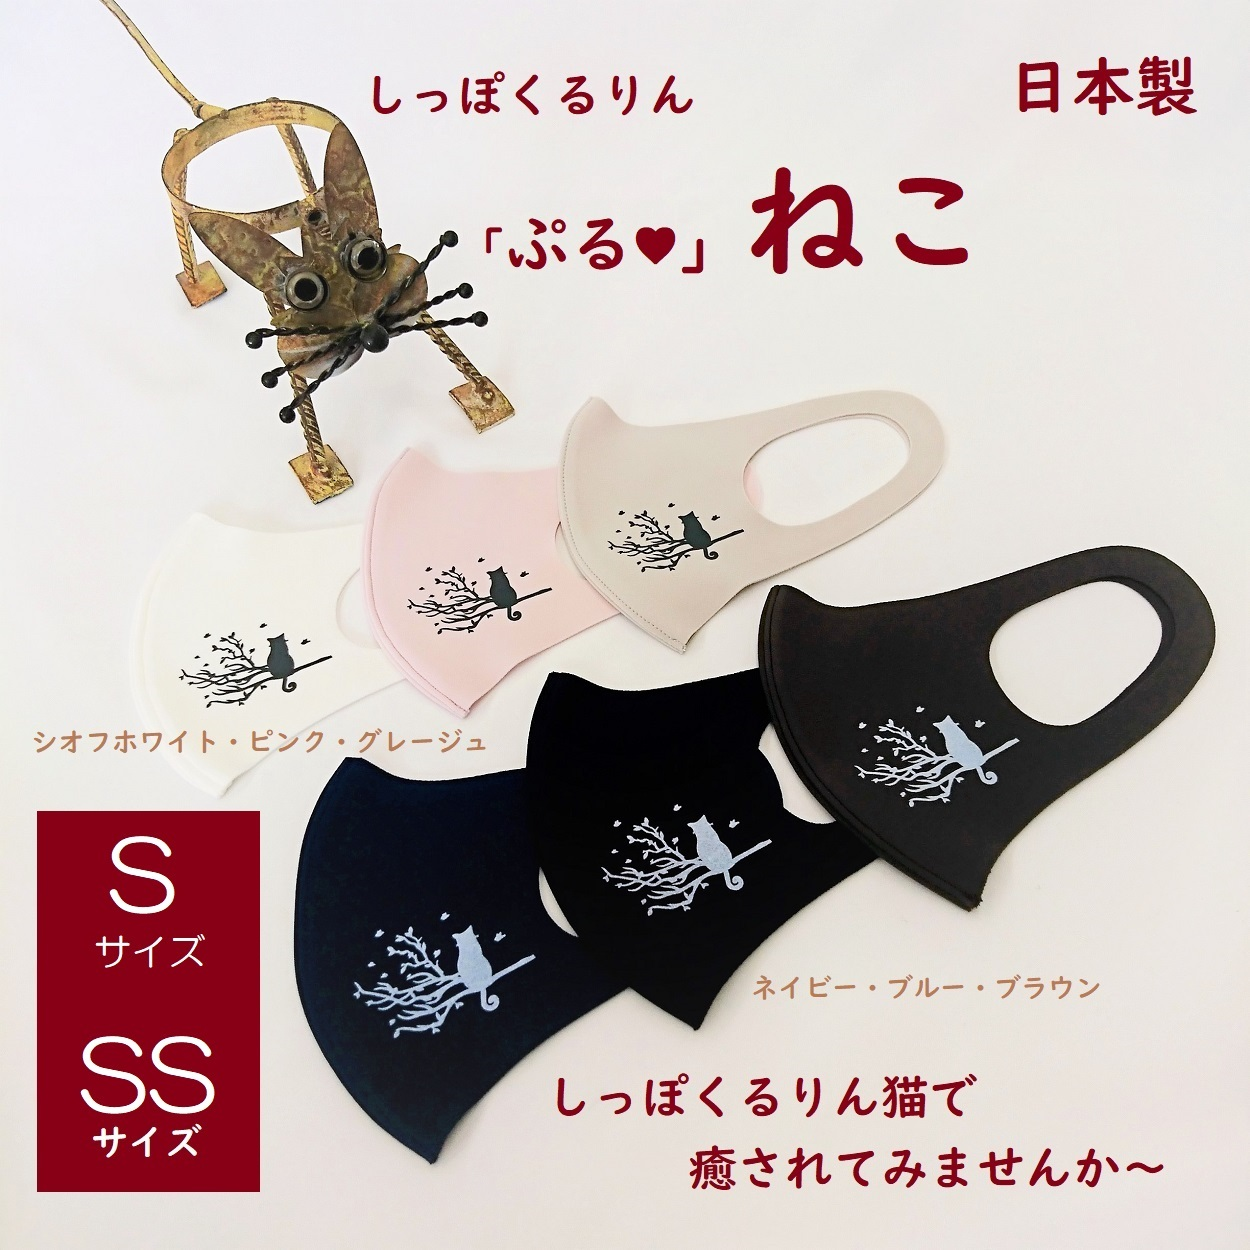 「ぷる♥」しっぽくるりん猫プリント 2色2枚入り【日本製】